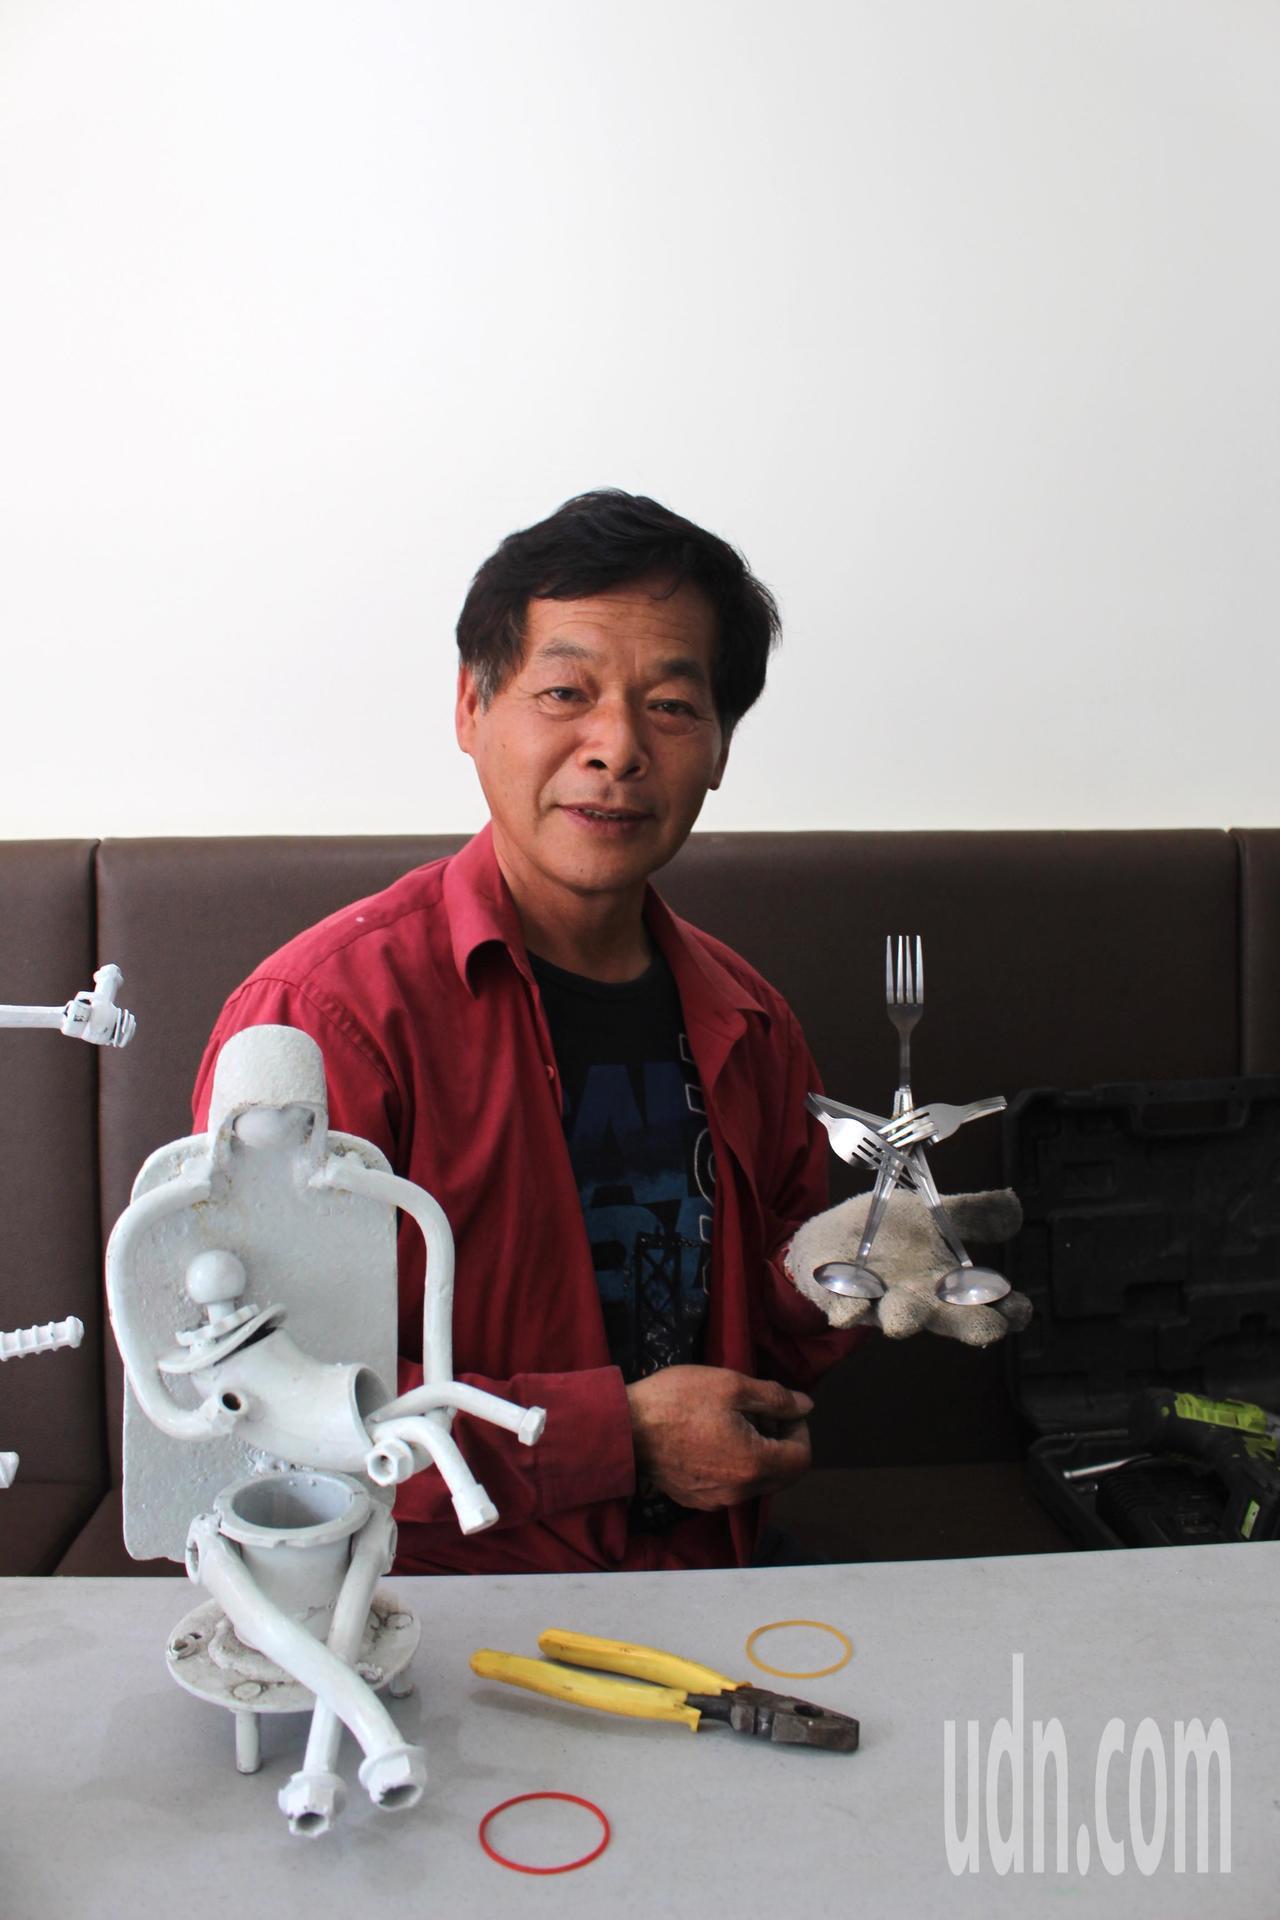 鐵藝愛好者謝照基,用自己的創作品,送給一雙子女作為結婚禮物。記者張雅婷/攝影